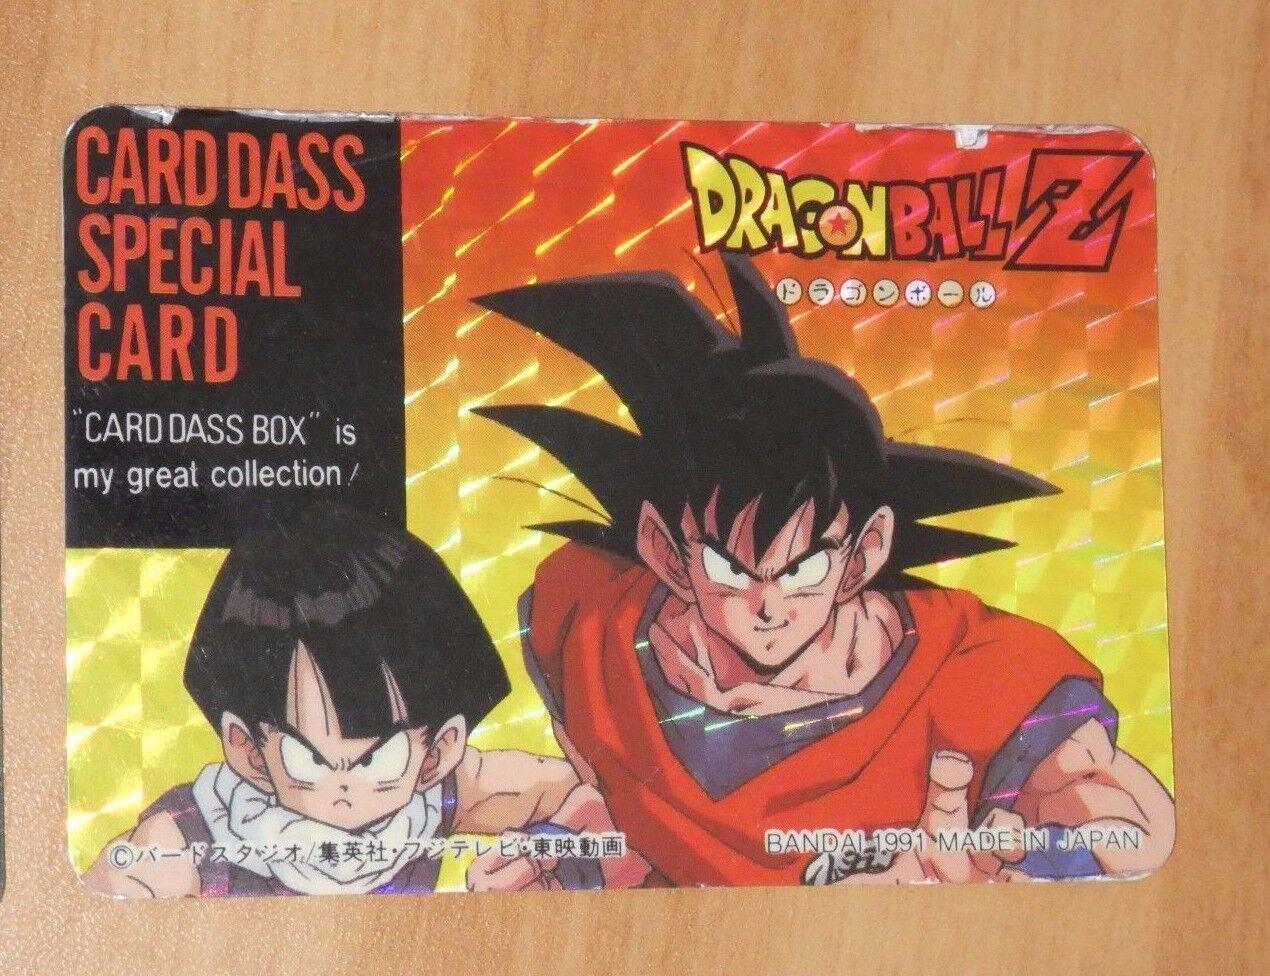 Dragon ball z dbz hervorruft, carddass besondere karte carte selten aus japan 1991     01